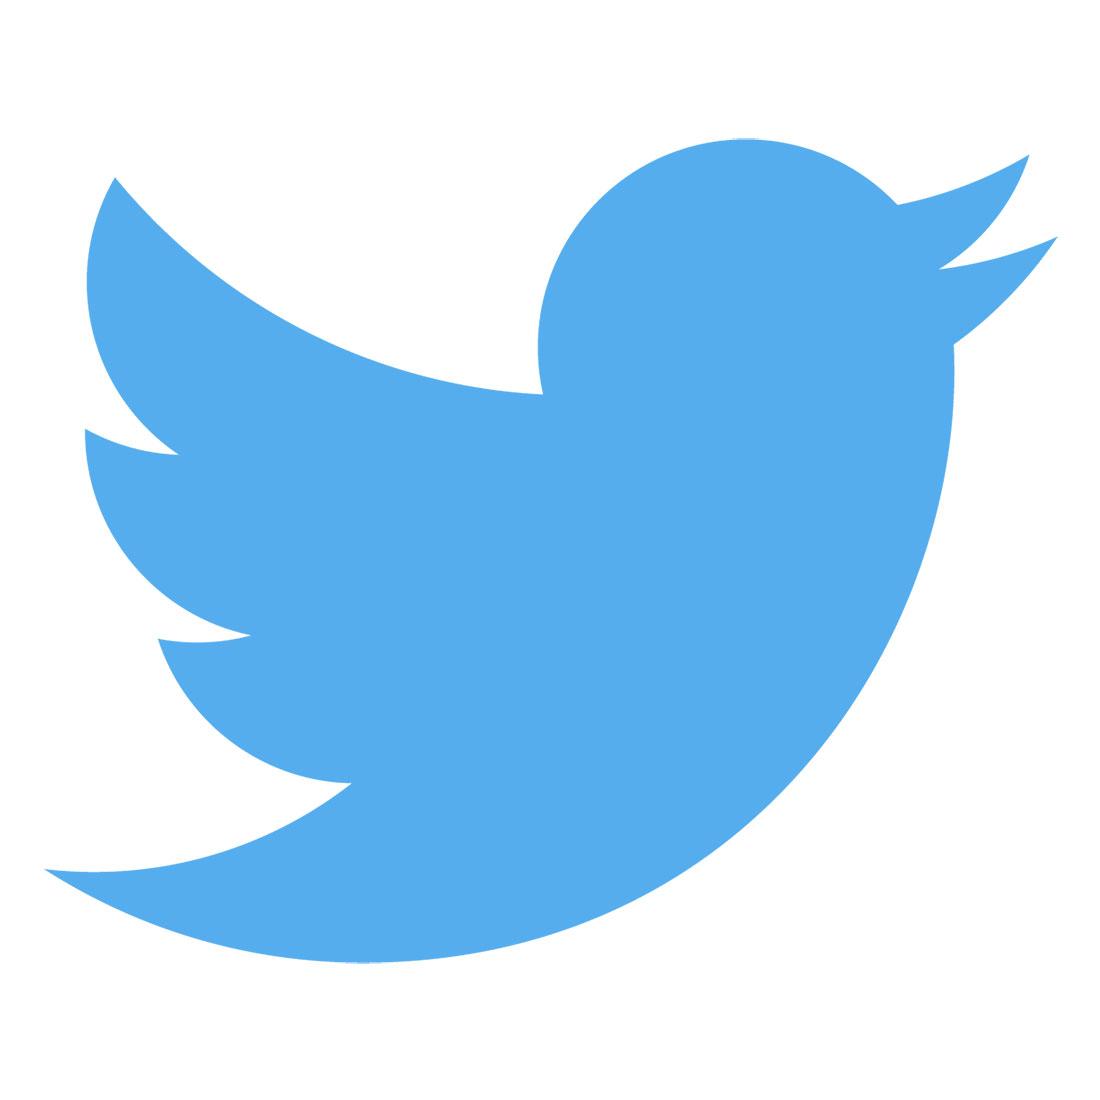 Bei Twitter ist die 140 Zeichenbegrenzung Geschichte.